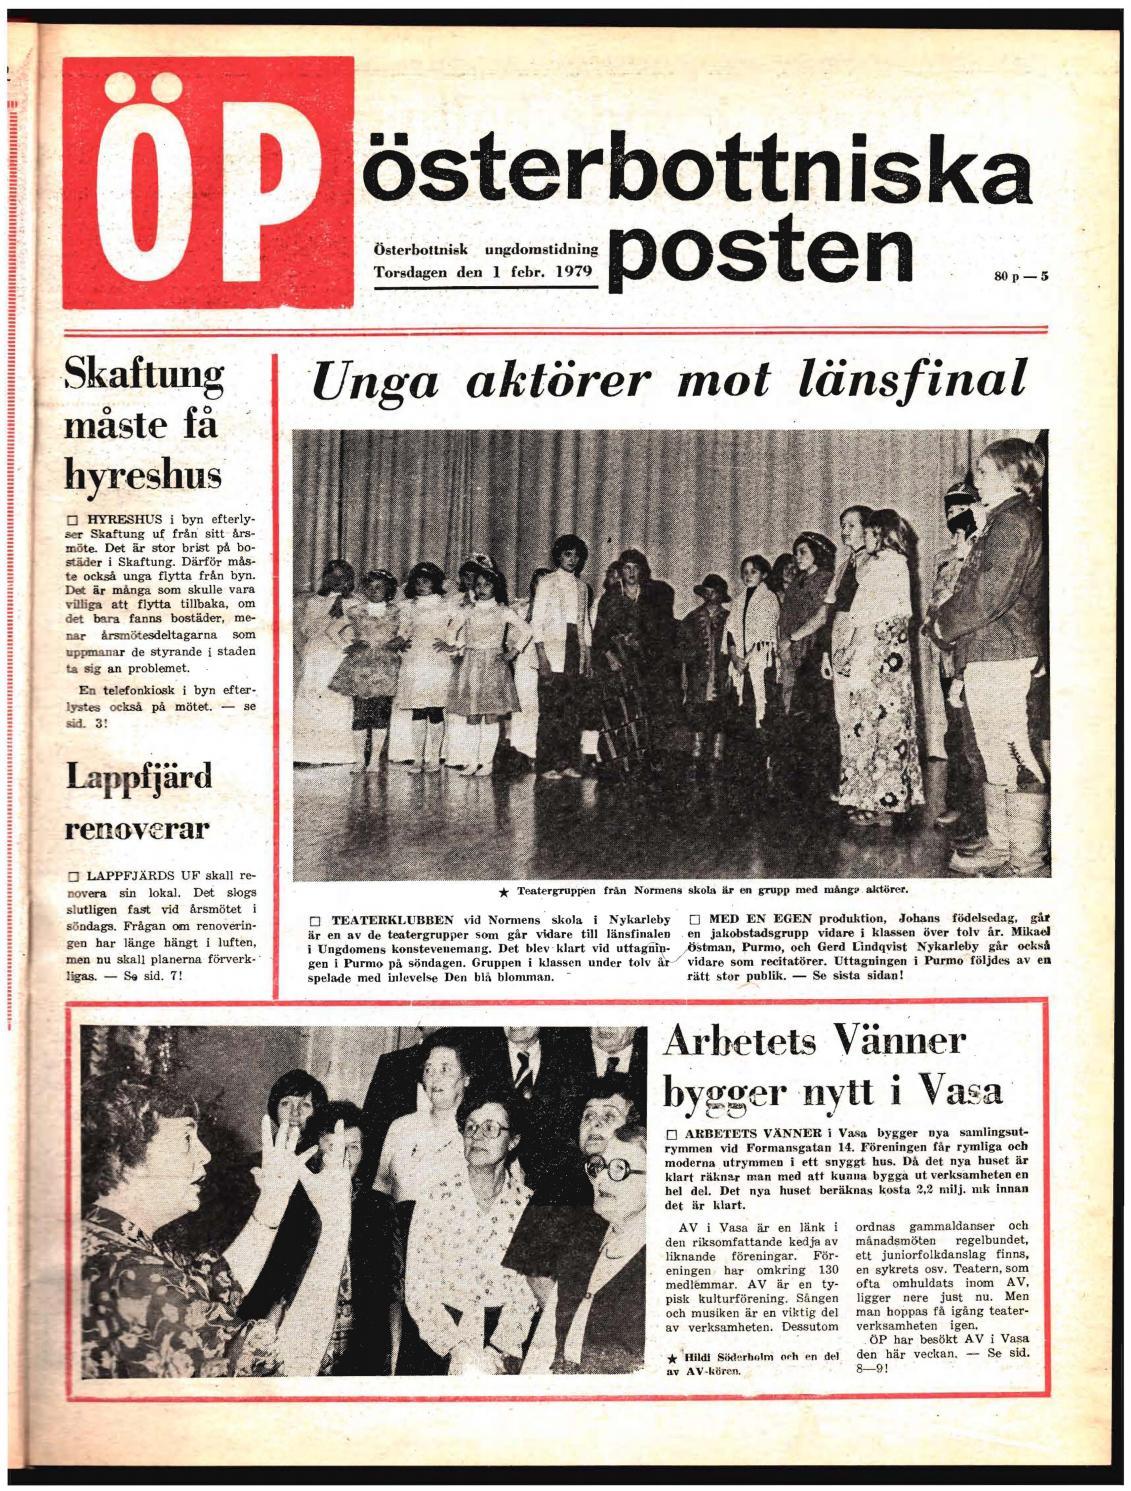 Österbottniska Posten (ÖP) nr. 5 1979 by Österbottniska Posten - issuu 44f98bd3c3a91